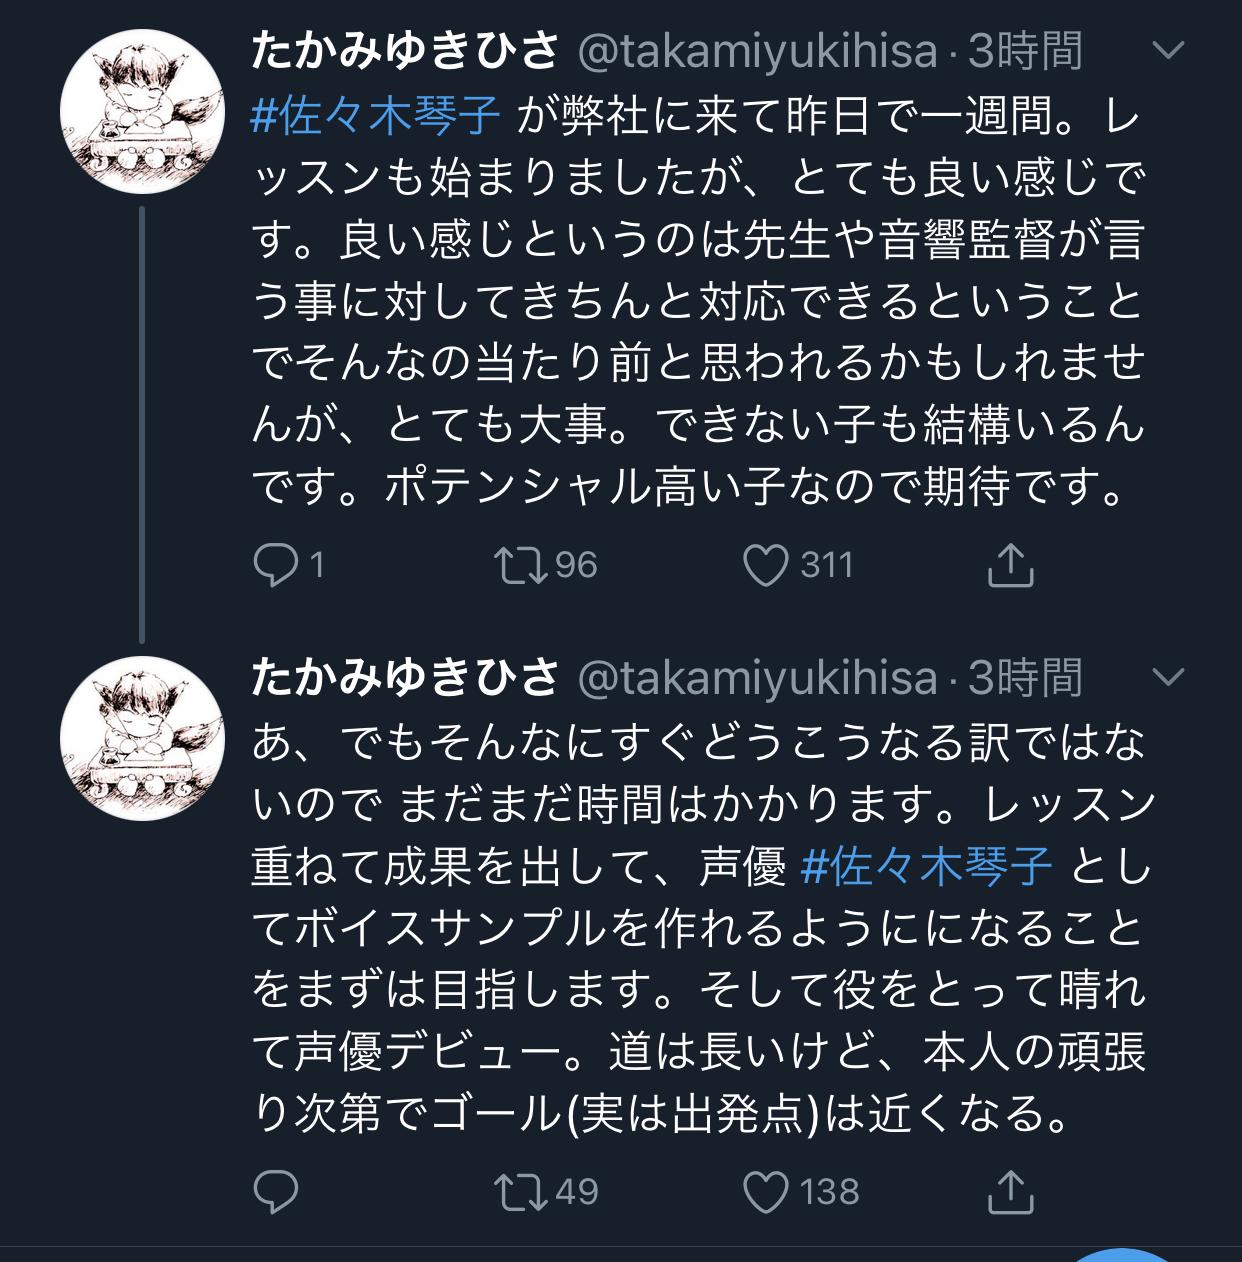 スタイルキューブ社長「佐々木琴子 が弊社に来て昨日で一週間。レッスンも始まりましたが、とても良い感じです」